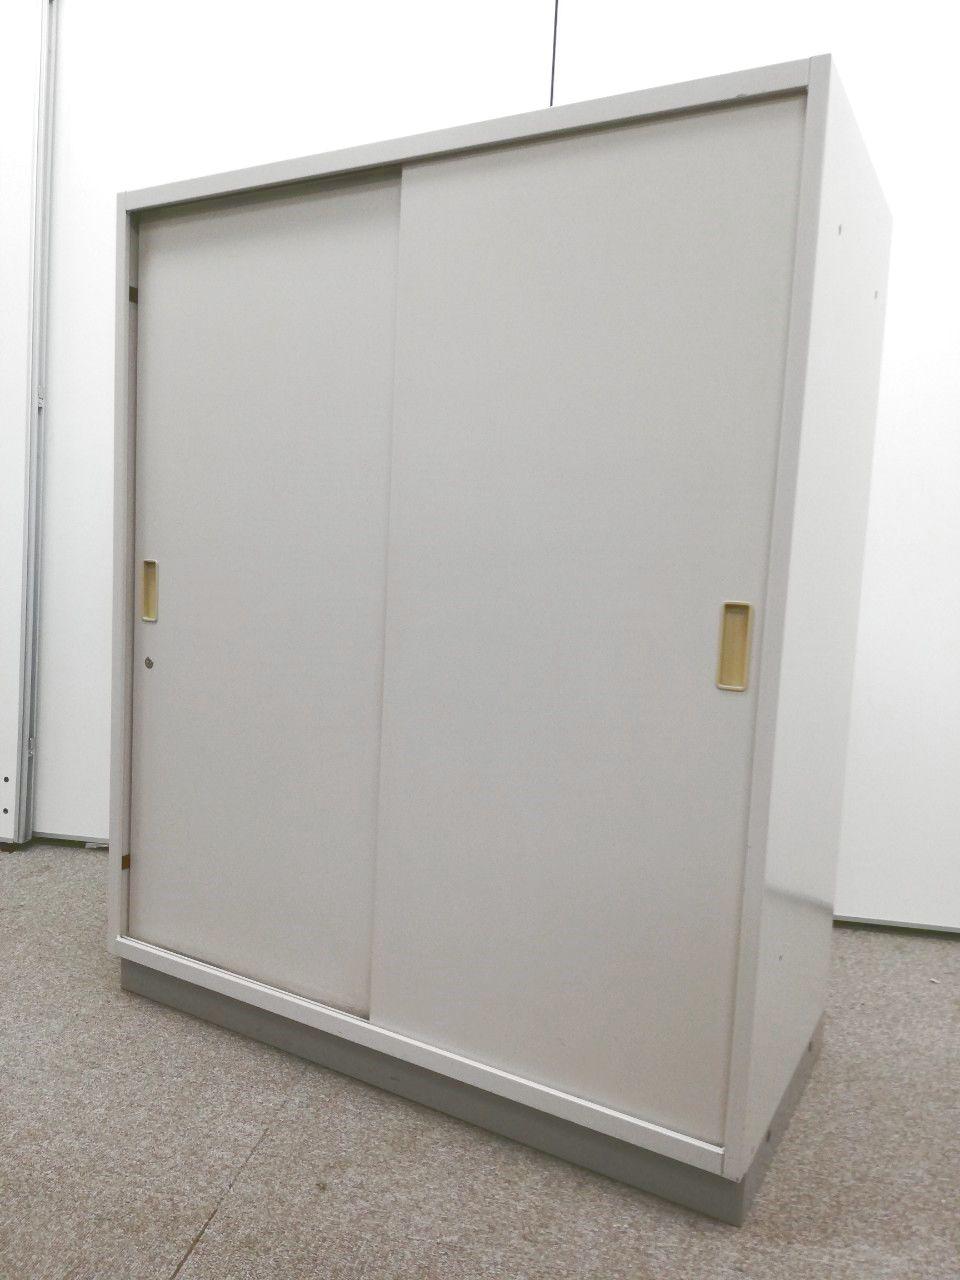 【省スペースでも設置が可能!】扉の開閉時にスペースを取らないスライド式の書庫!書類整理をお考えの方いかがでしょうか!